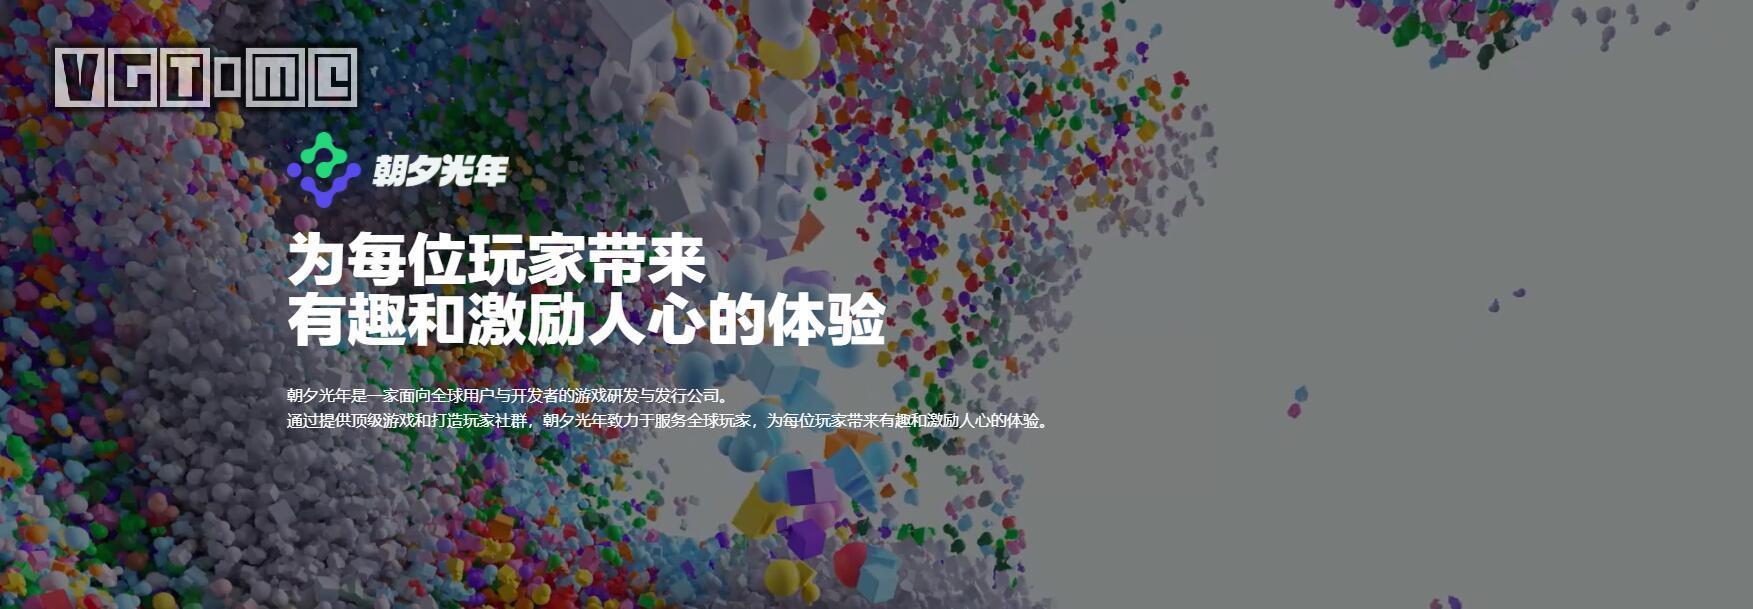 「抖音」开发商字节跳动进军游戏业,推出品牌「朝夕光年」